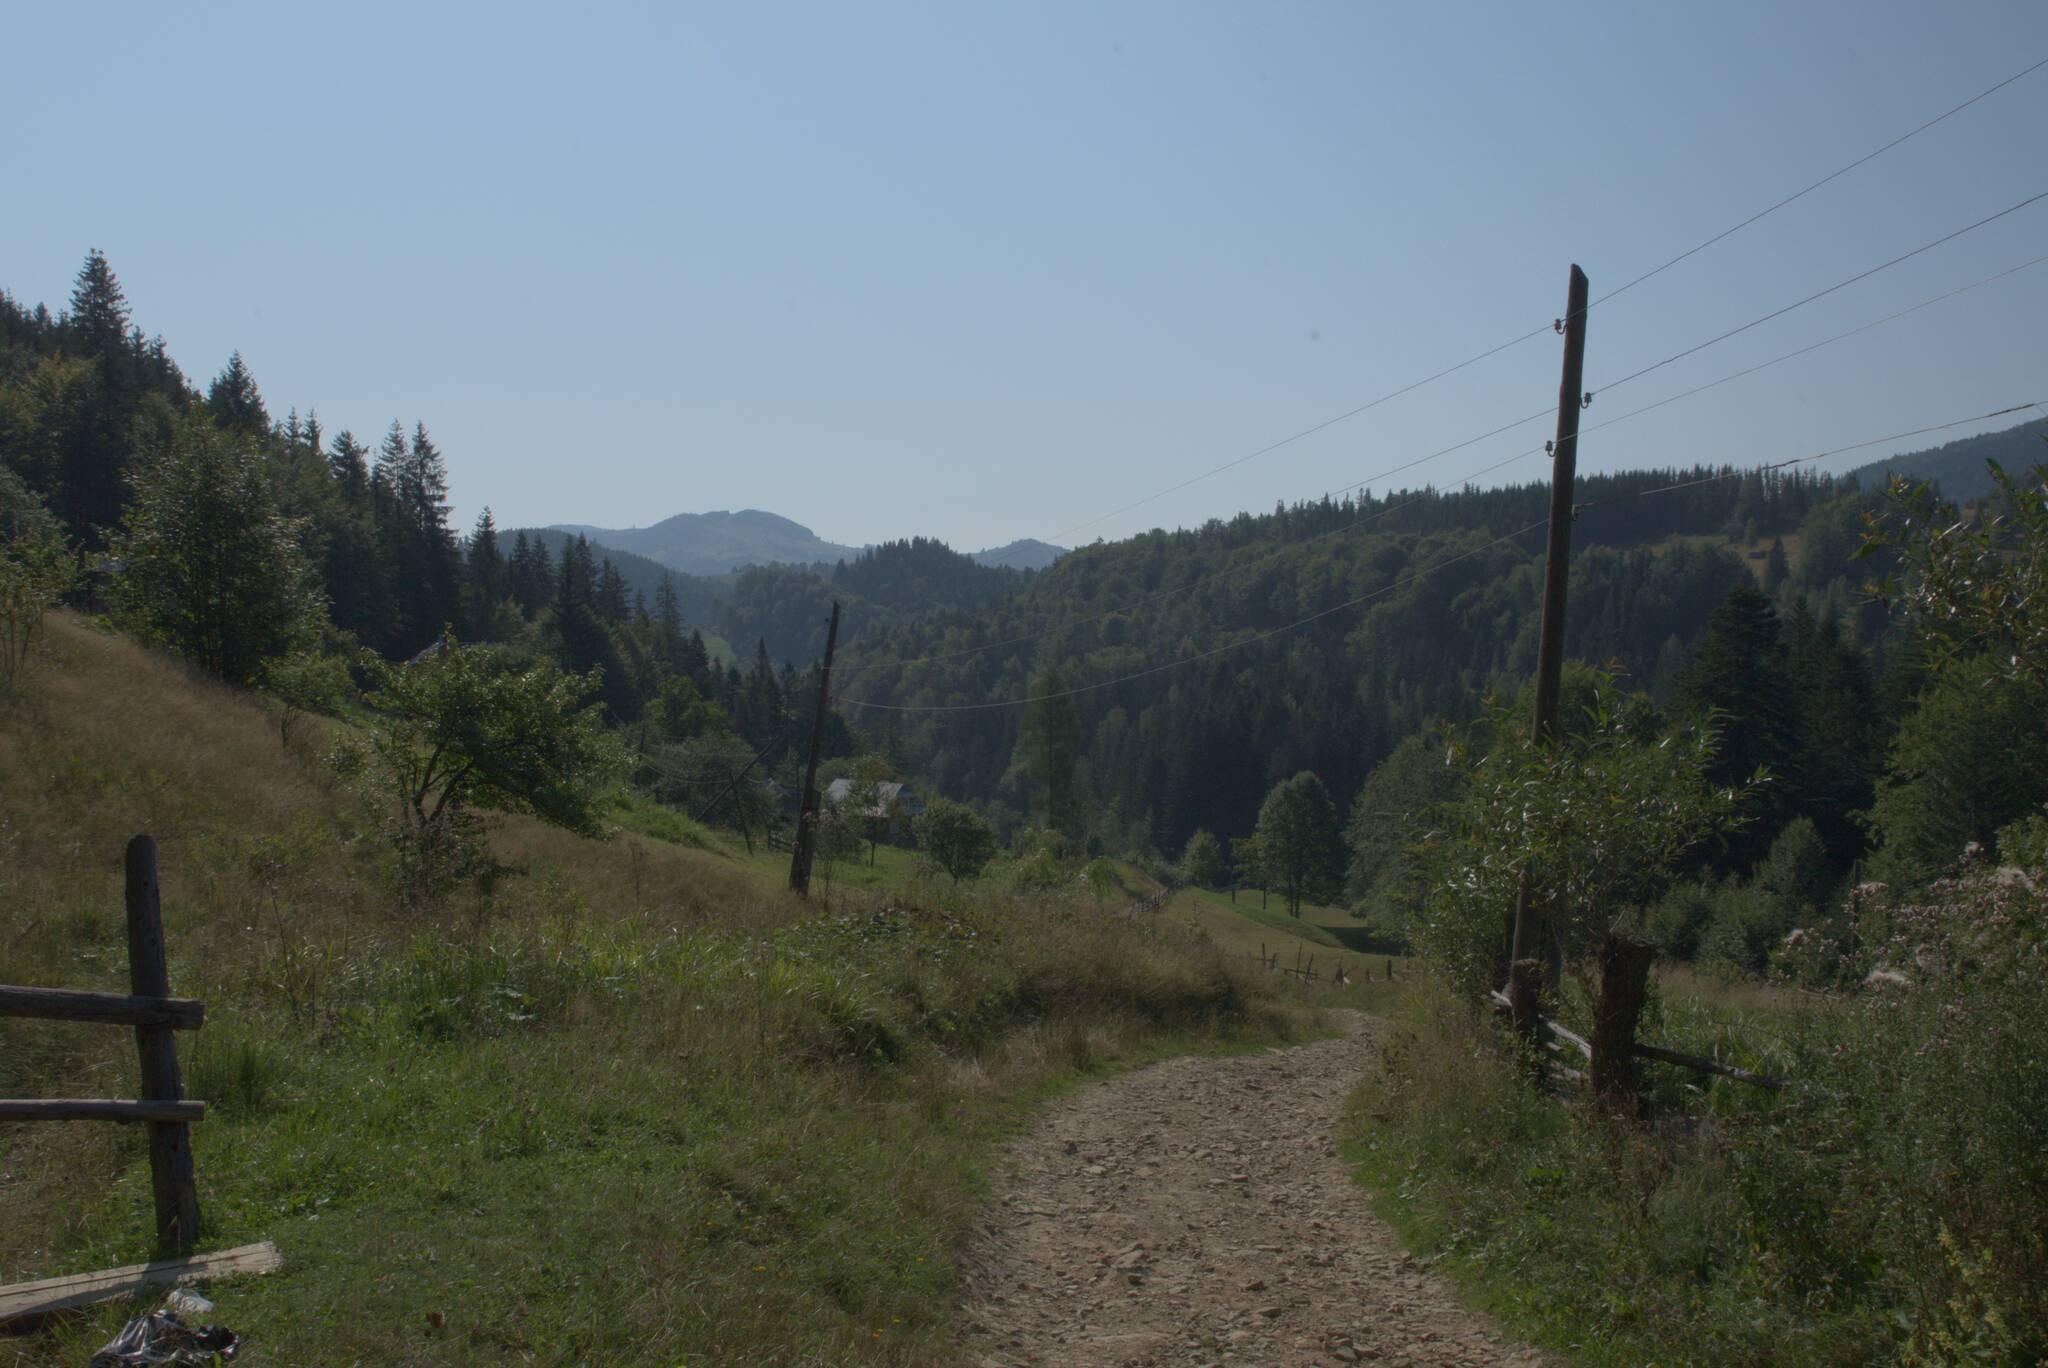 Nieco pokręcona droga pomiędzy wzgórzami i pastwiskami